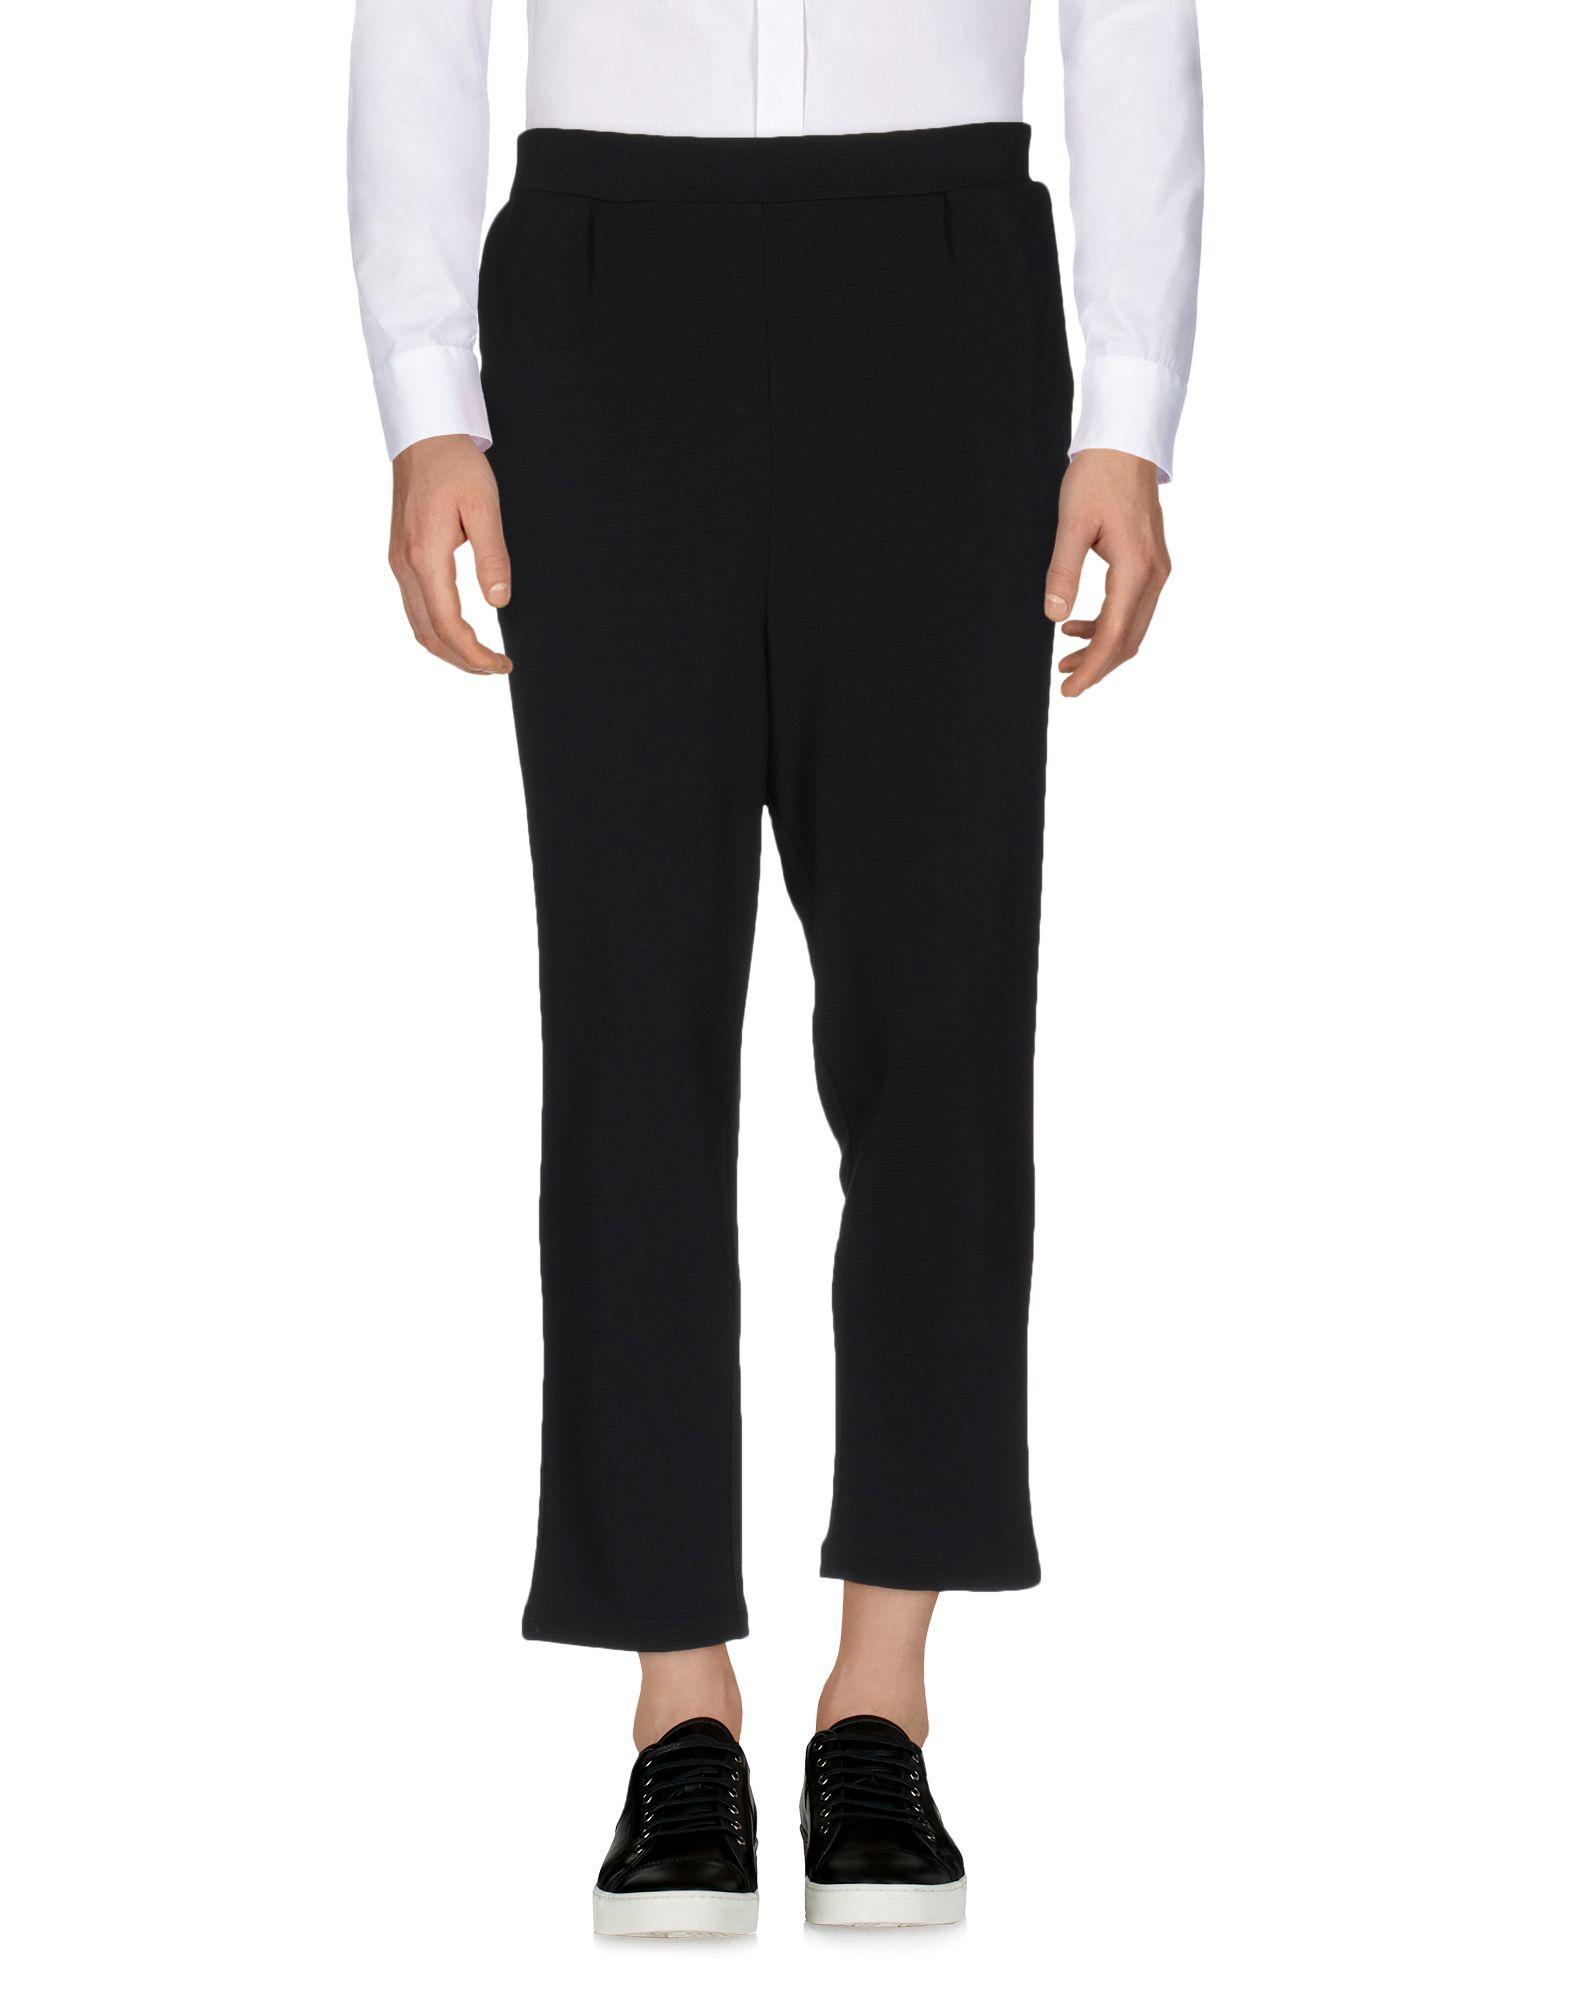 《送料無料》ZERO LIMITS メンズ パンツ ブラック M コットン 100%